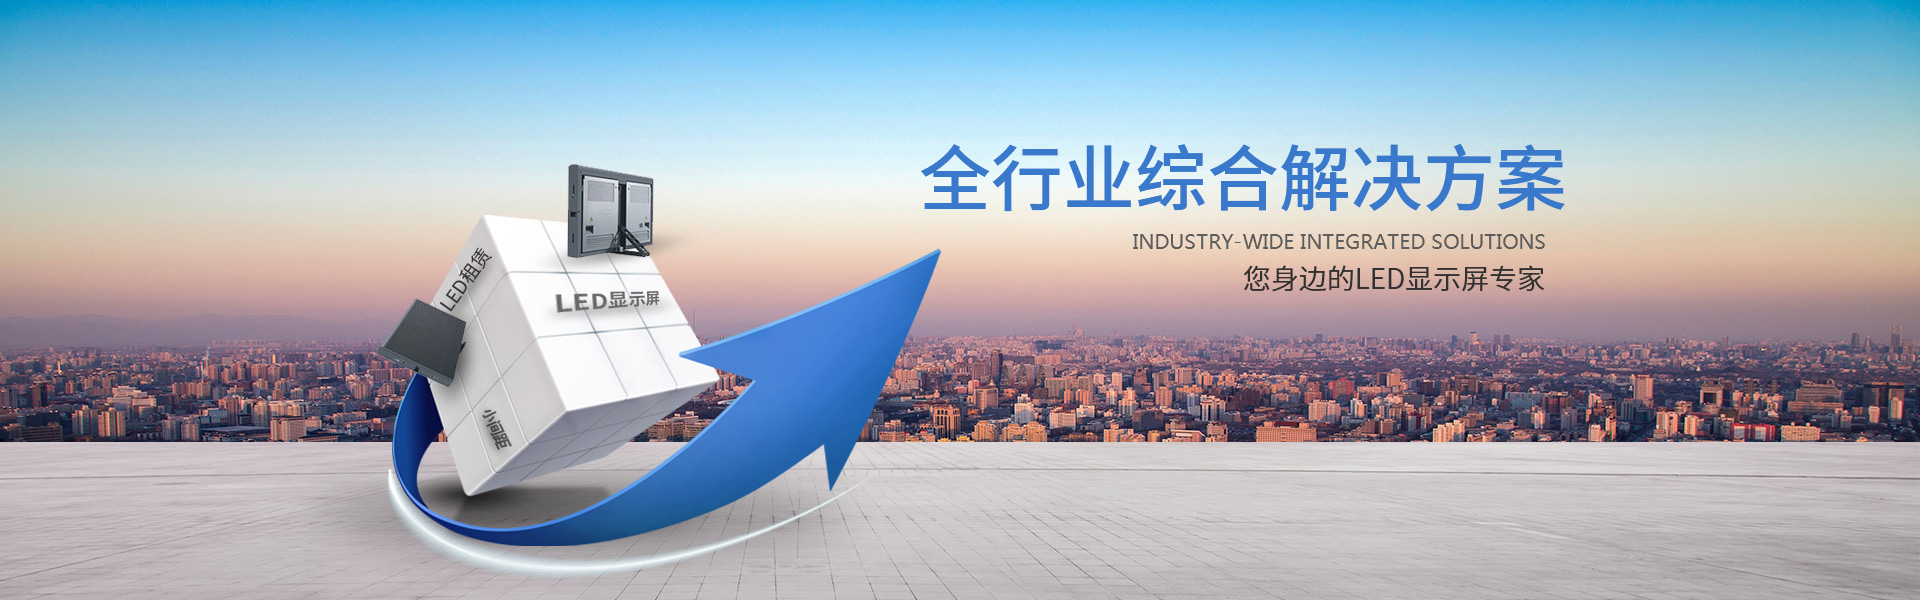 贵州天勤光电有限公司|LED显示屏-网站